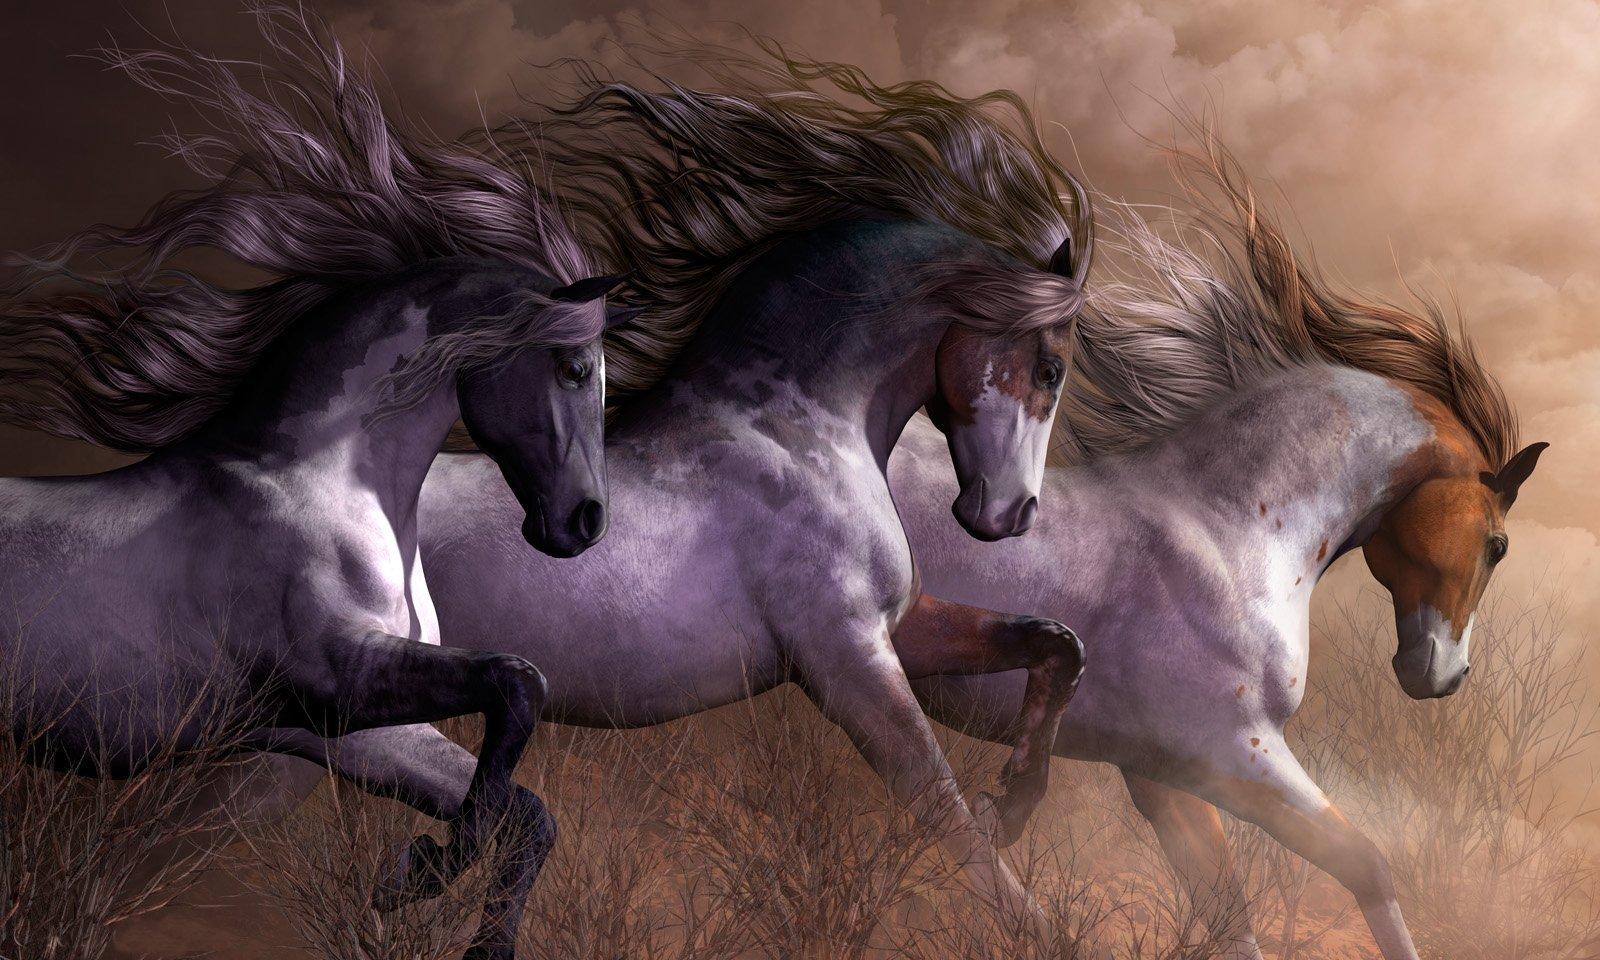 Beautiful Wild Horses wallpaper   ForWallpapercom 1600x960